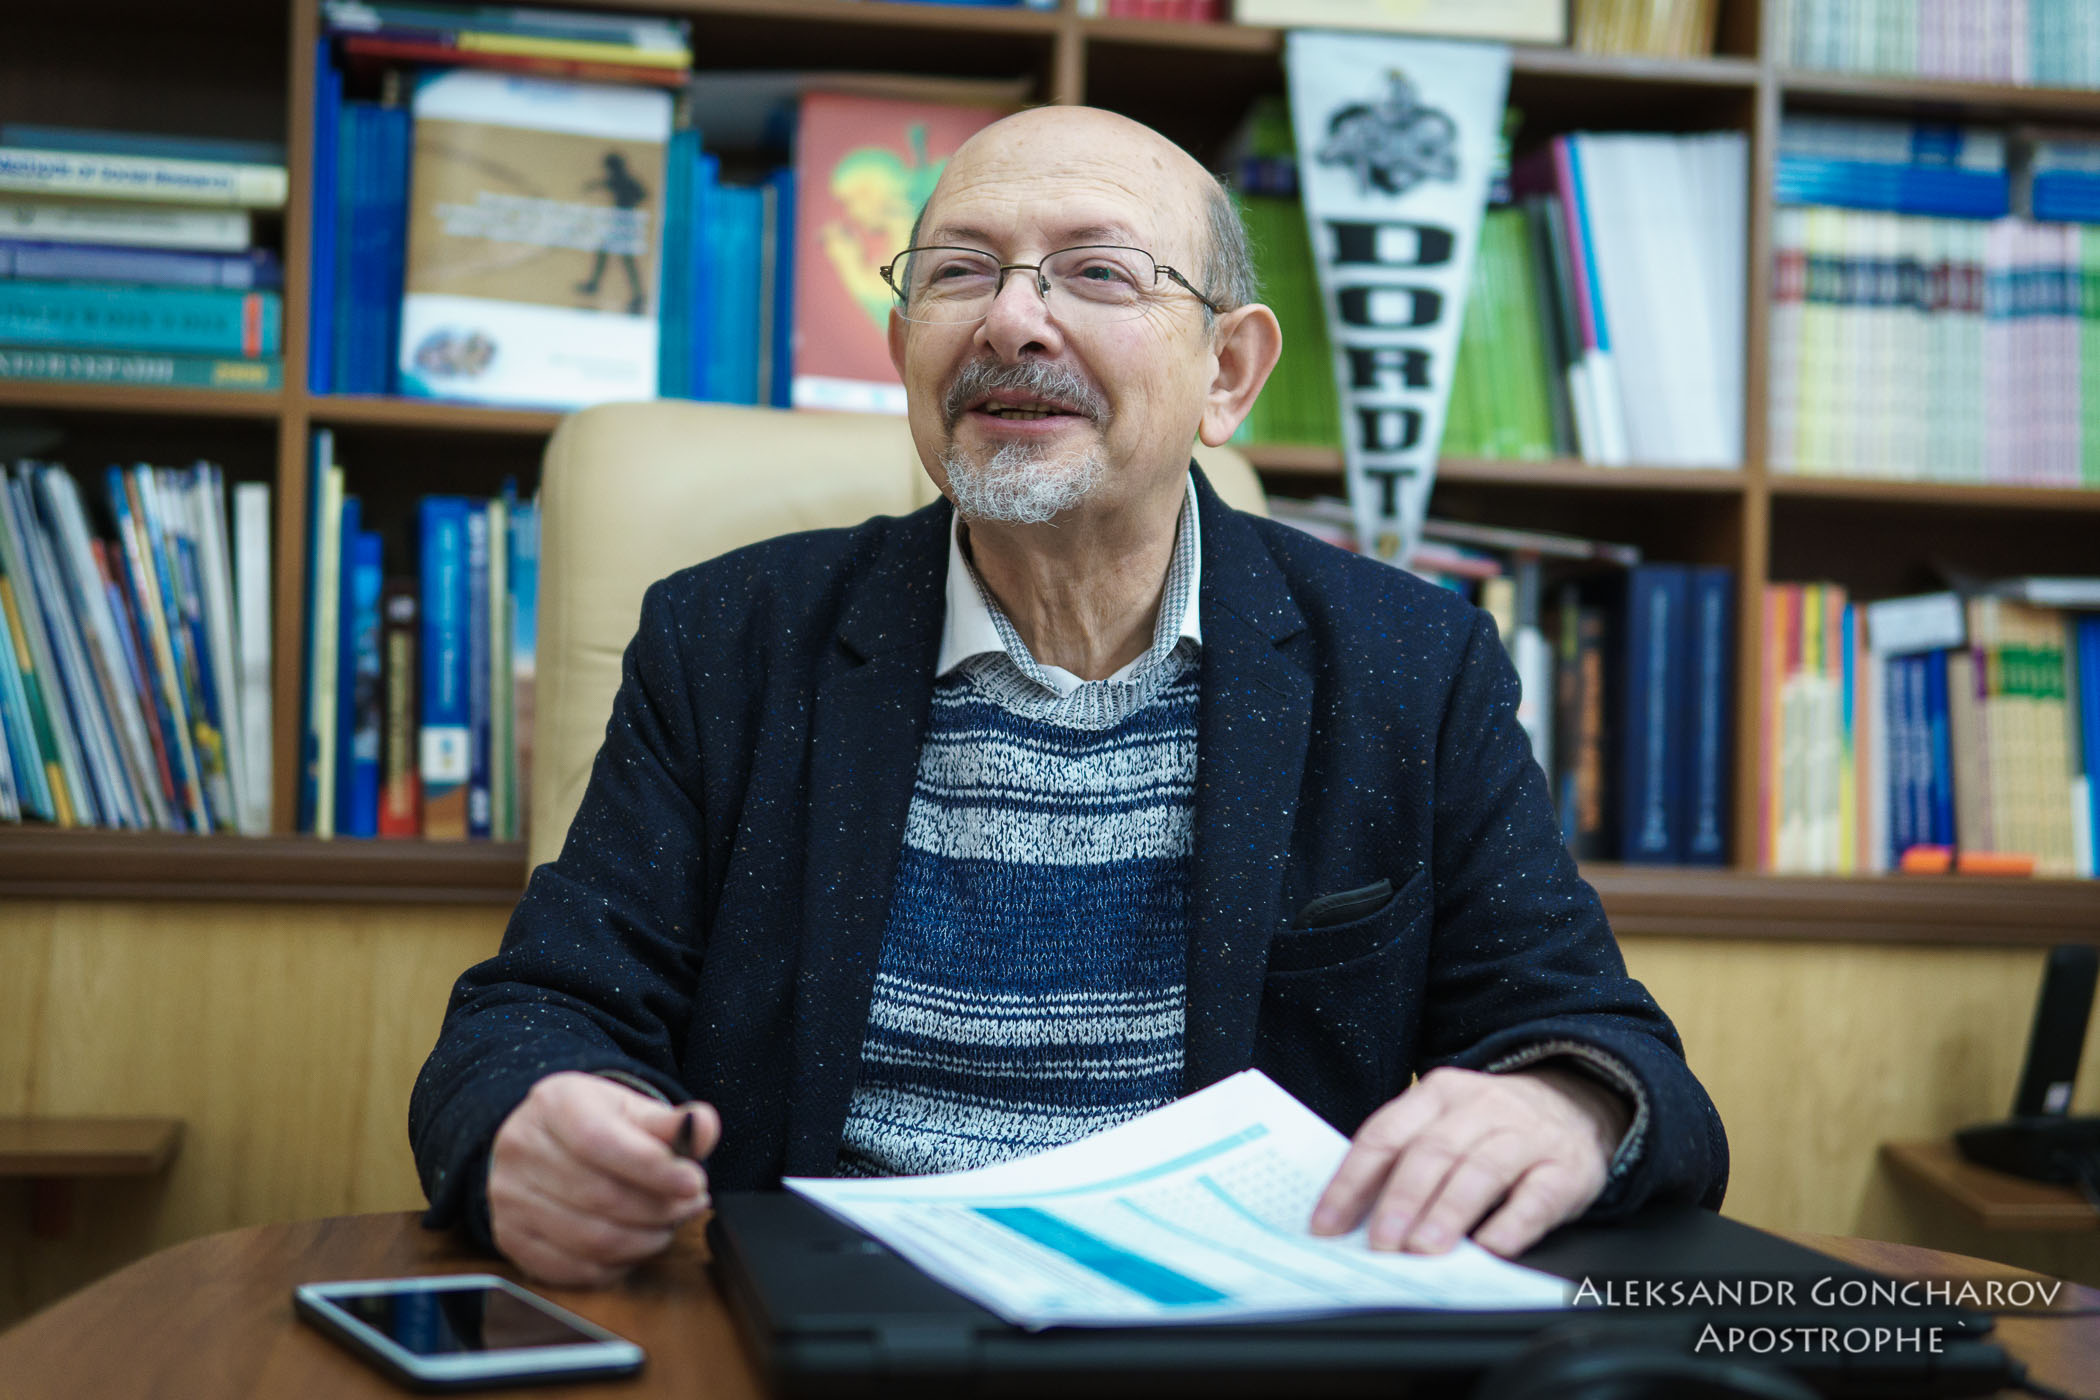 Соціолог розповів, чому більшість українців обирає Зеленського і несправедливо оцінює діяльність Порошенка